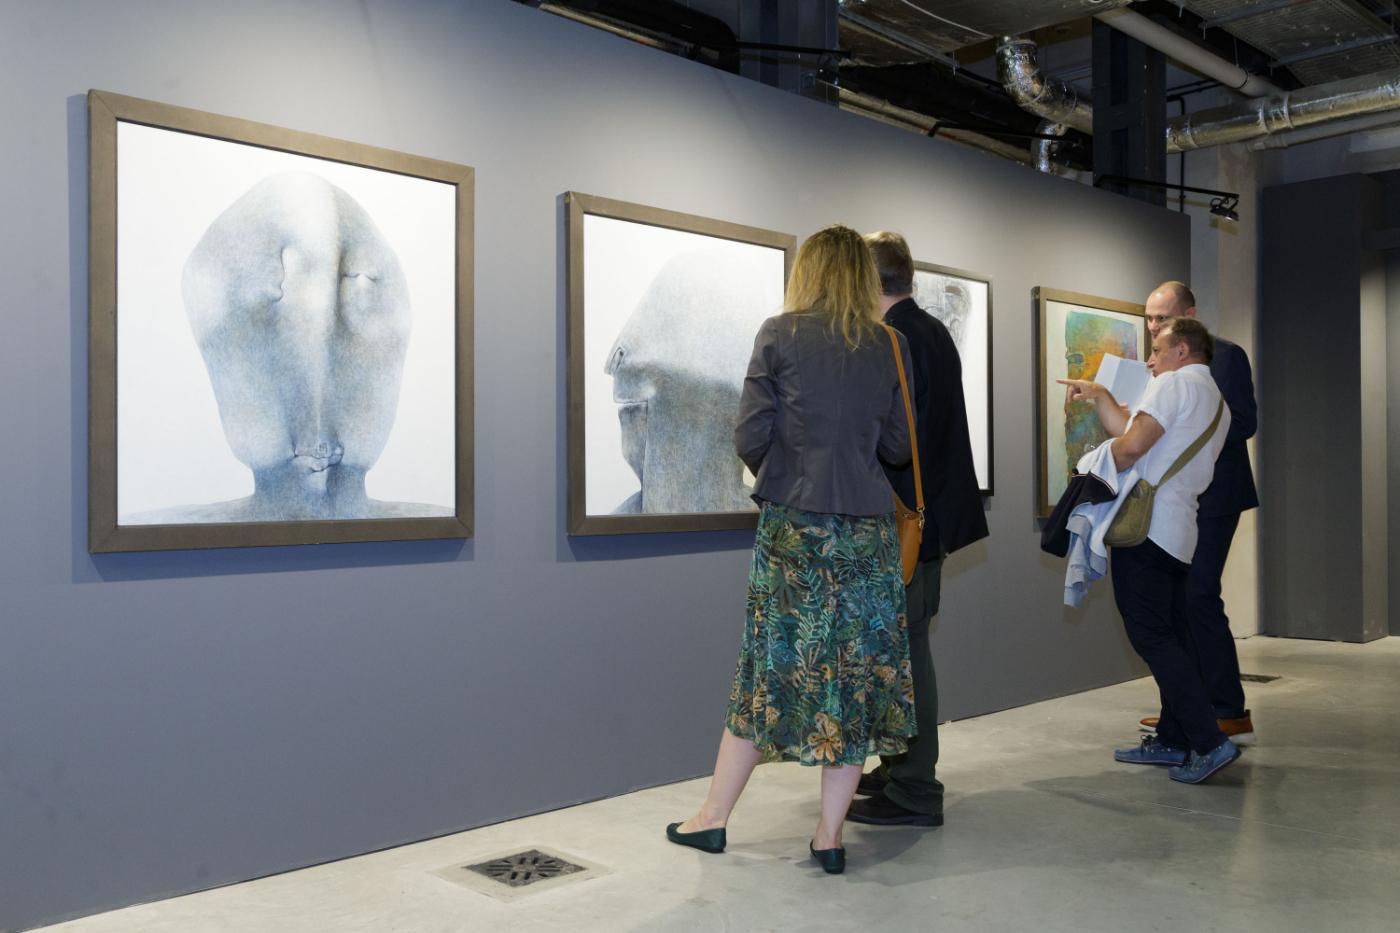 Wystawa prac Zdzisława Beksińskiego w Centrum Praskim Koneser w Warszawie [ZDJĘCIA] - Zdjęcie główne